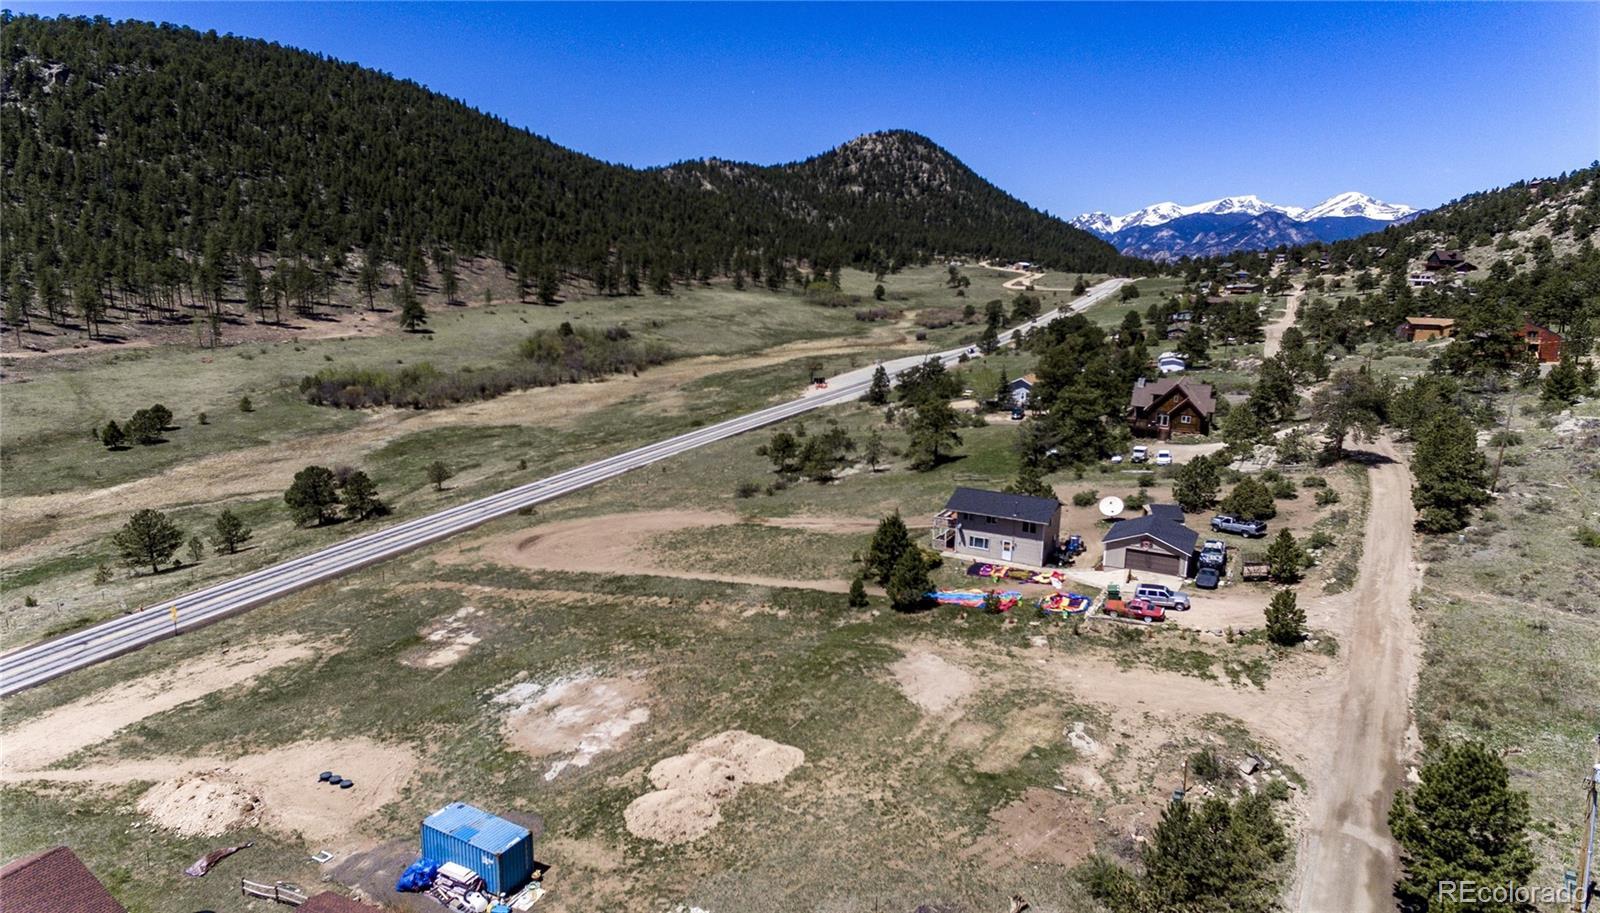 544 Meadowview Drive, Estes Park, CO 80517 - Estes Park, CO real estate listing